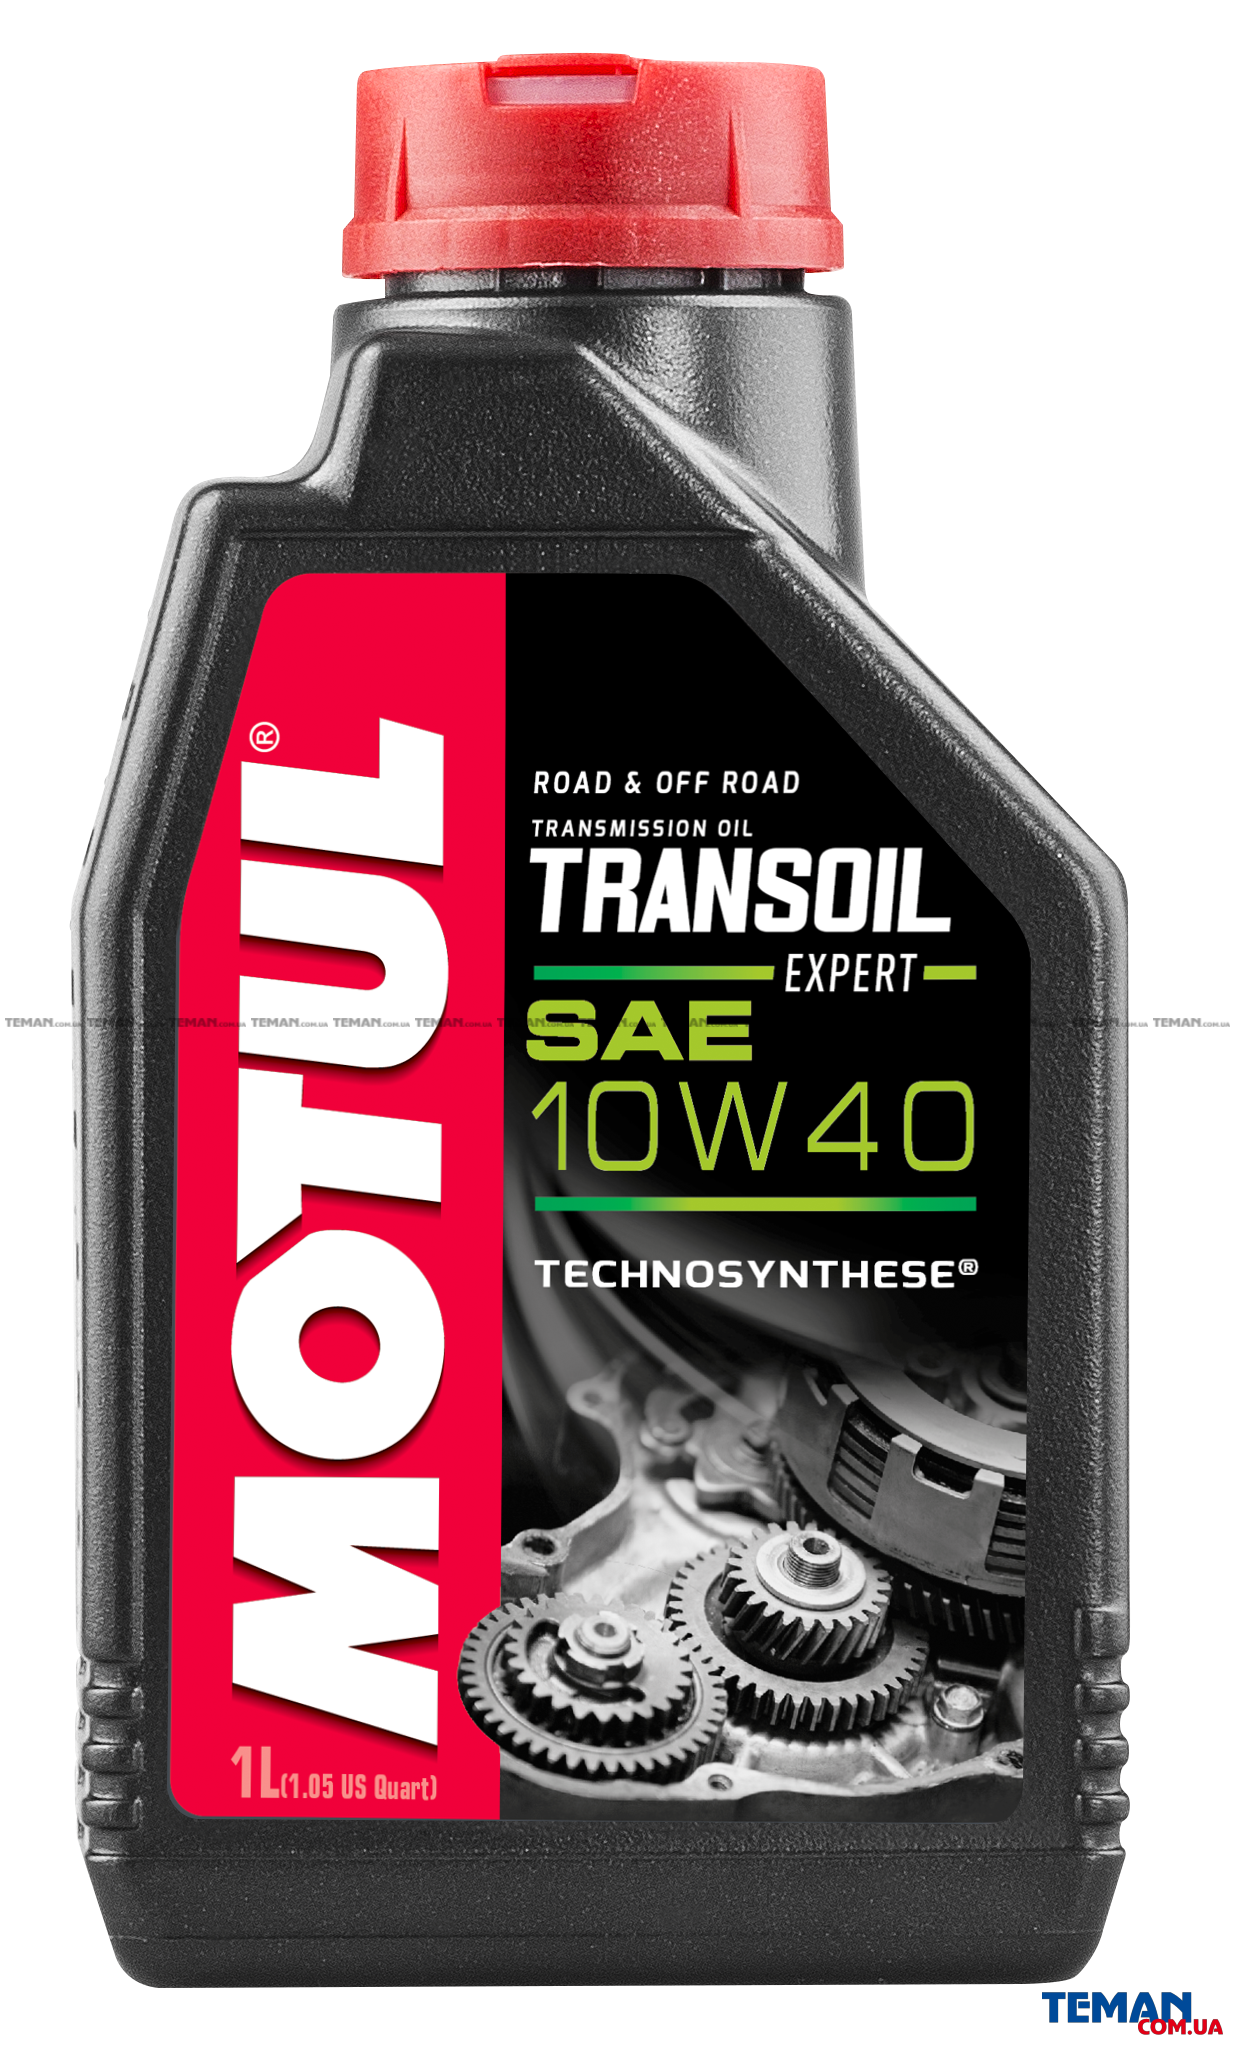 Трансмиссионое масло для 2-х тактных мотодвигателей TRANSOIL EXPERT 10W-40, 1 л